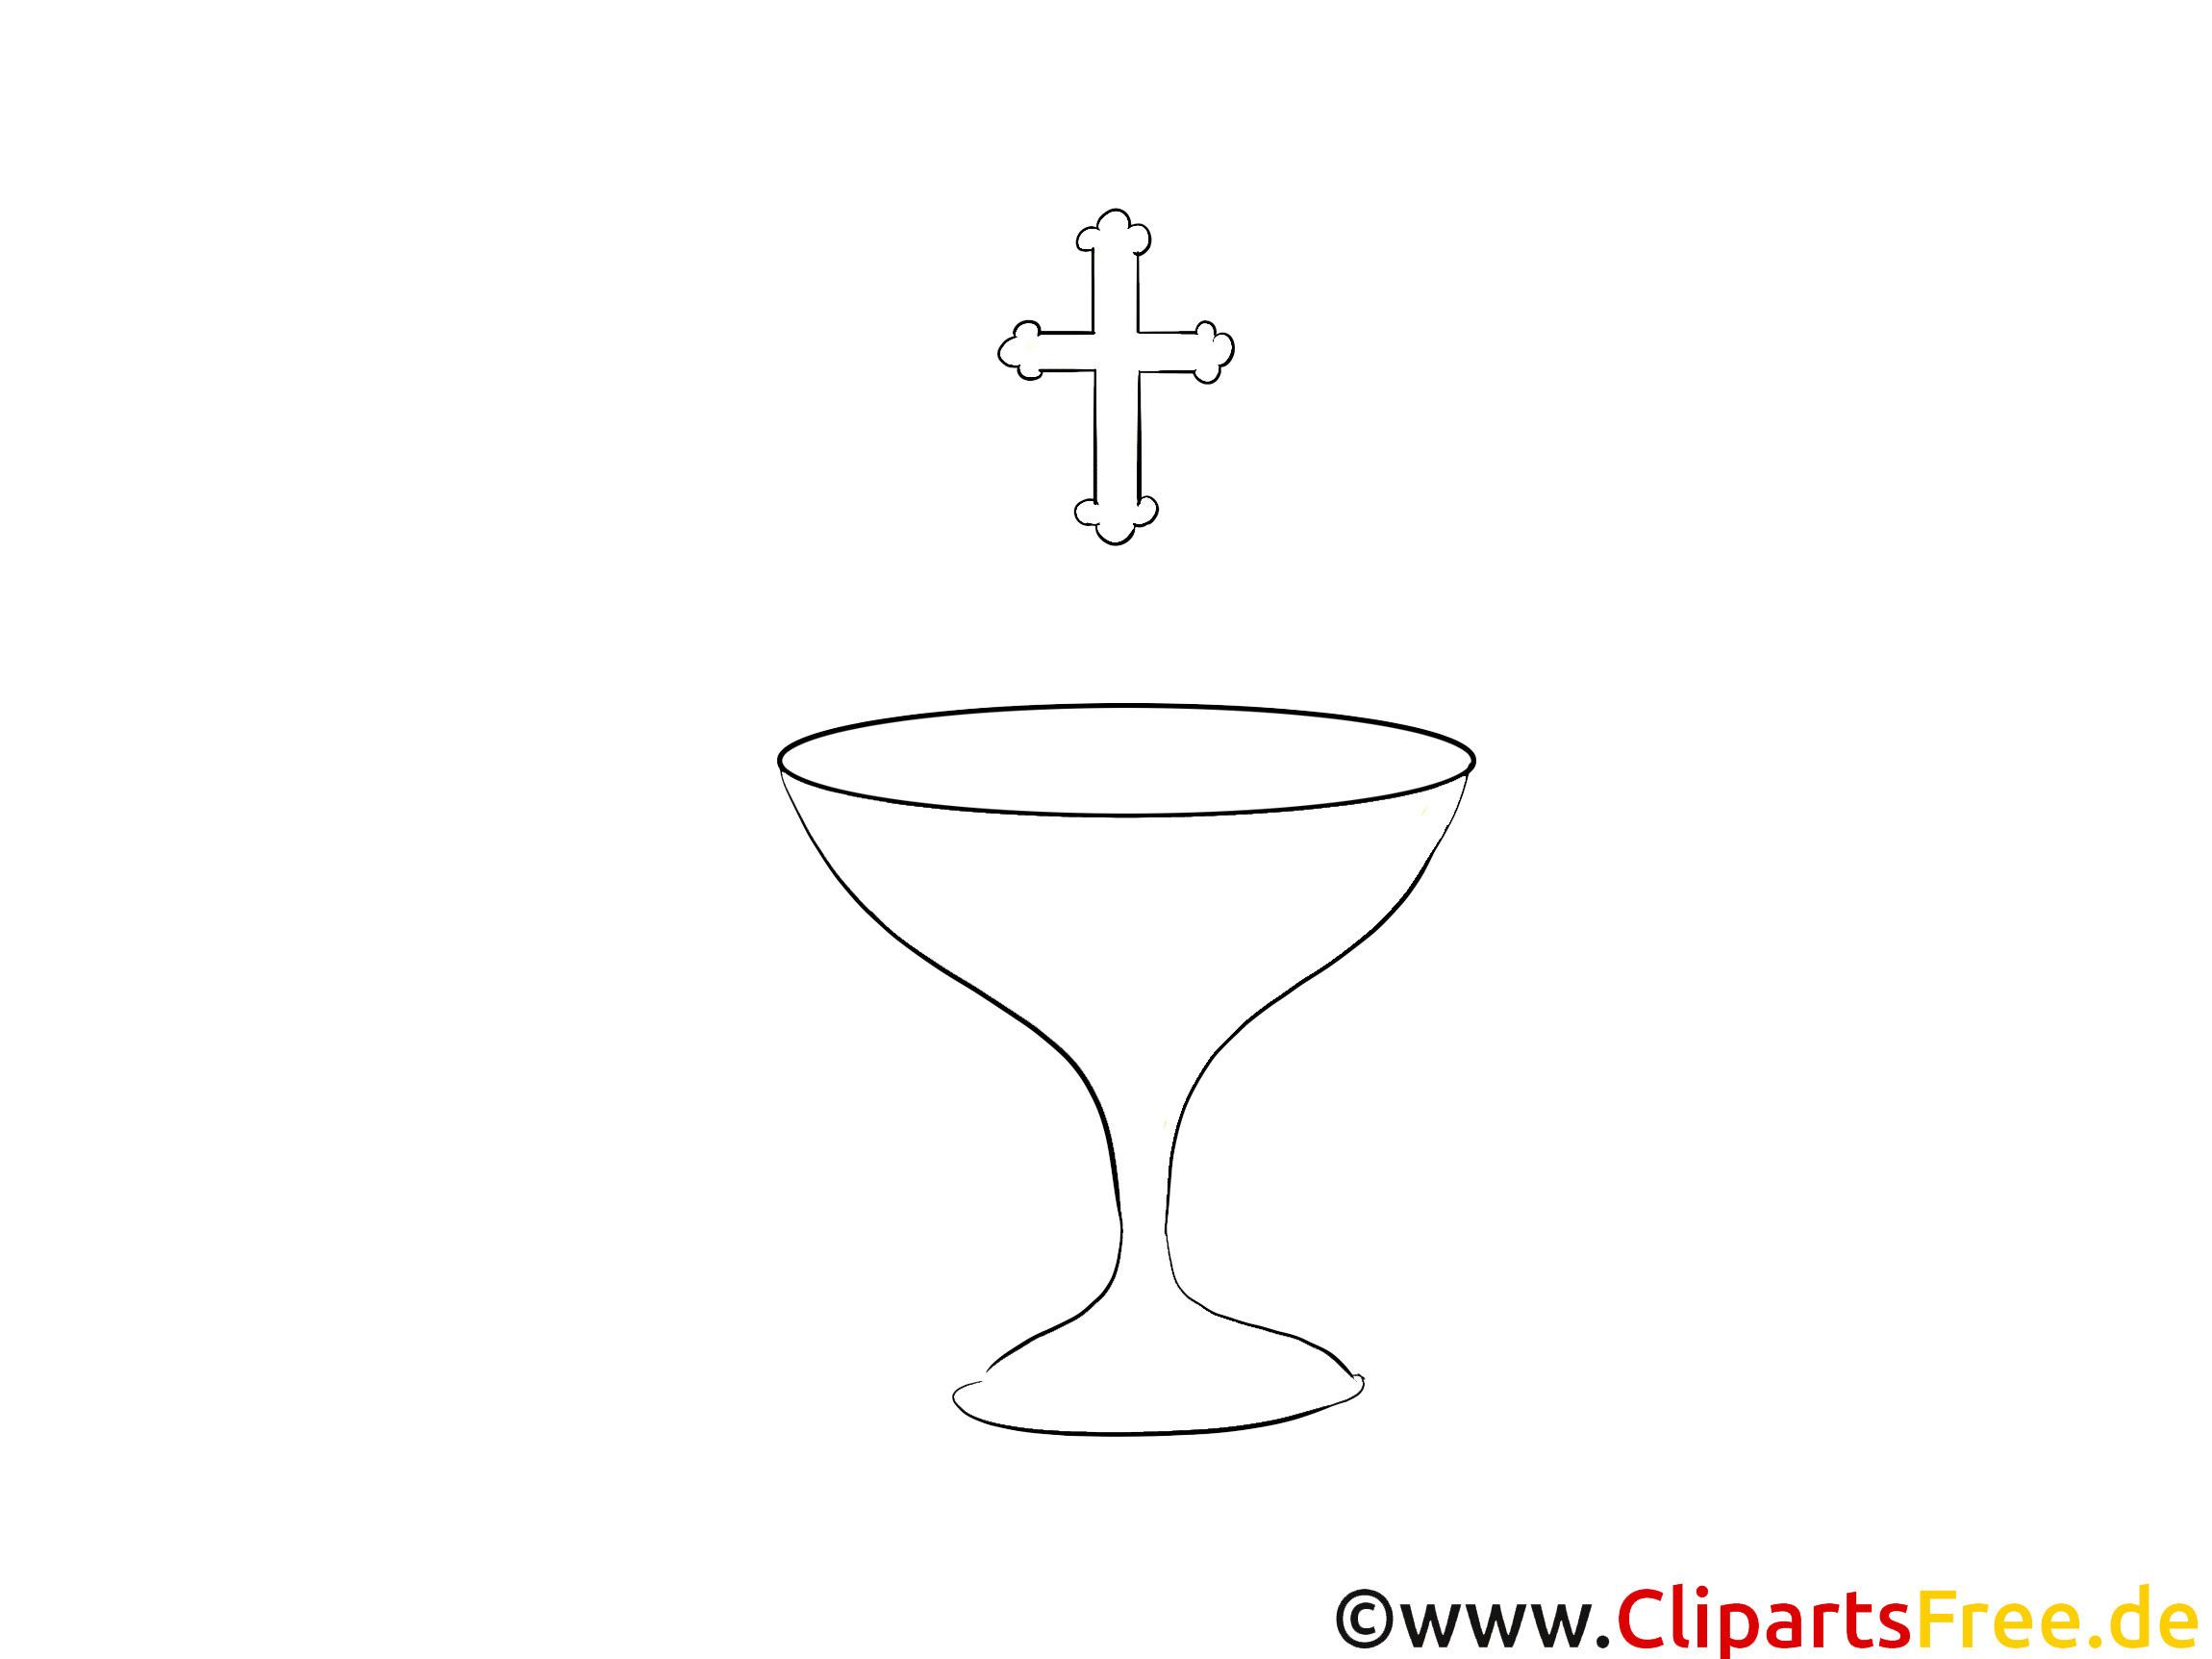 Kreuz Zum Ausmalen Frisch Ausmalbild Einfaches Keltisches Kreuz Luxus Ausmalbilder Kreuz Fotos